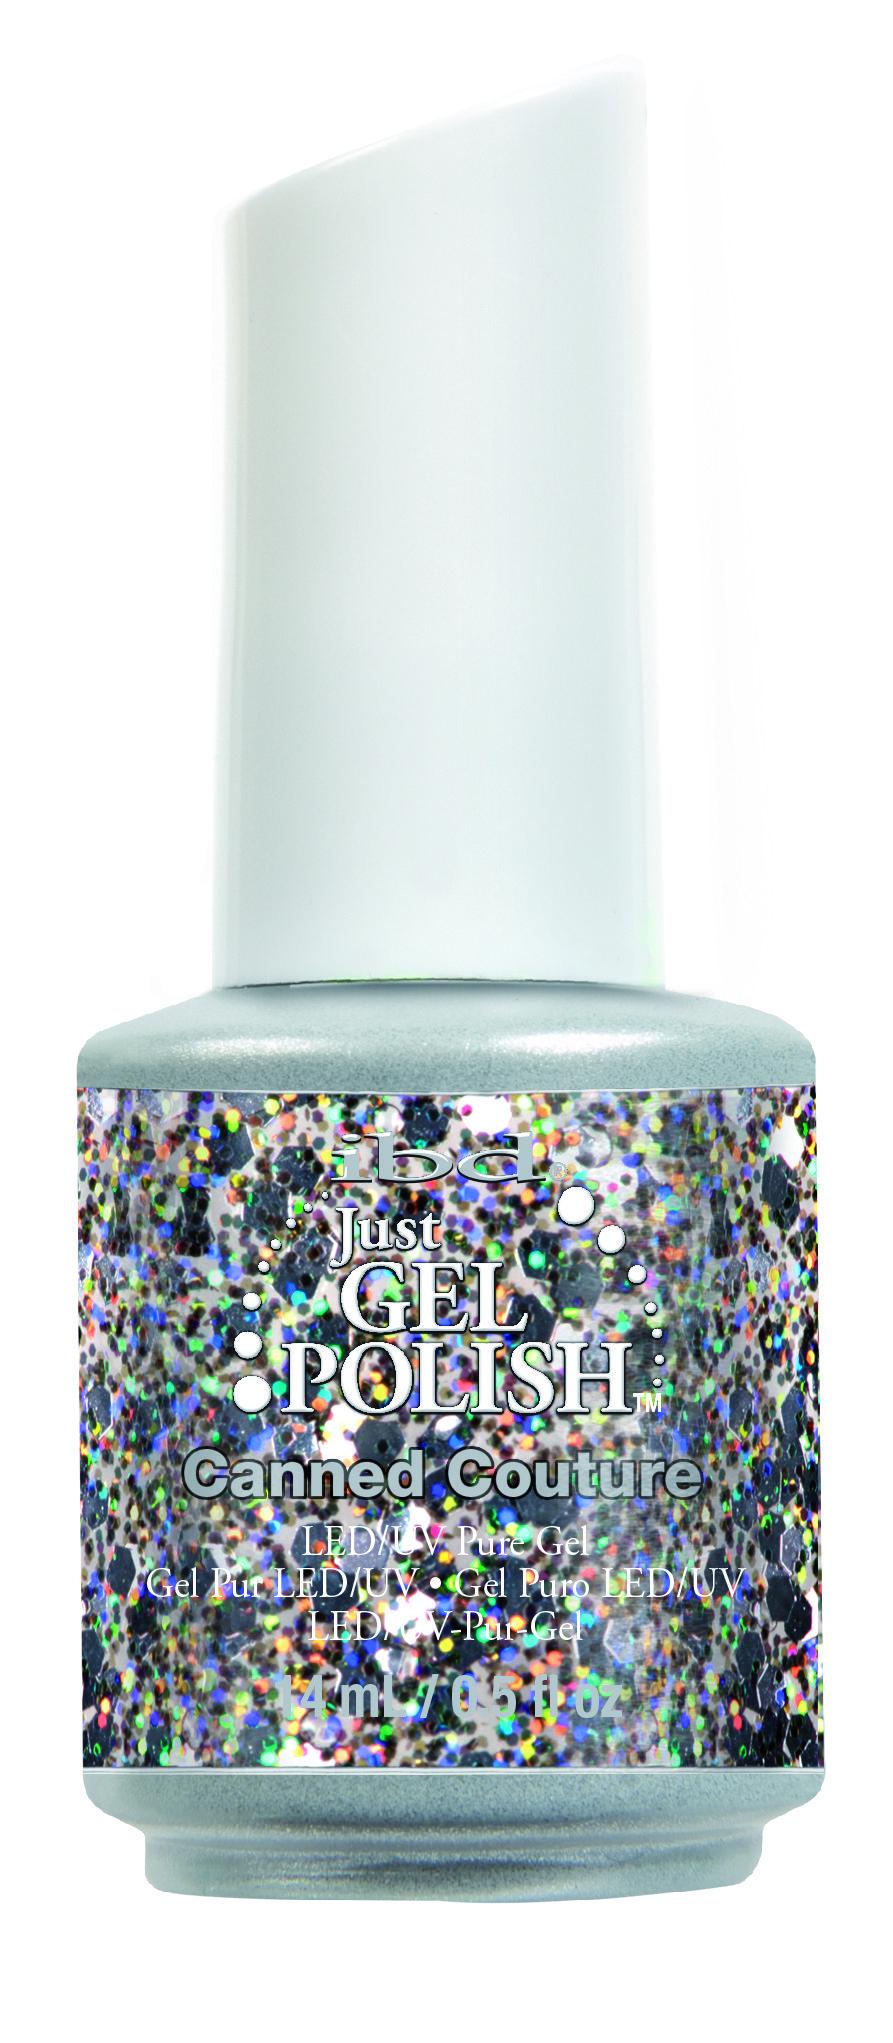 Canned Couture (Glitter) - blu acciaio glitterato